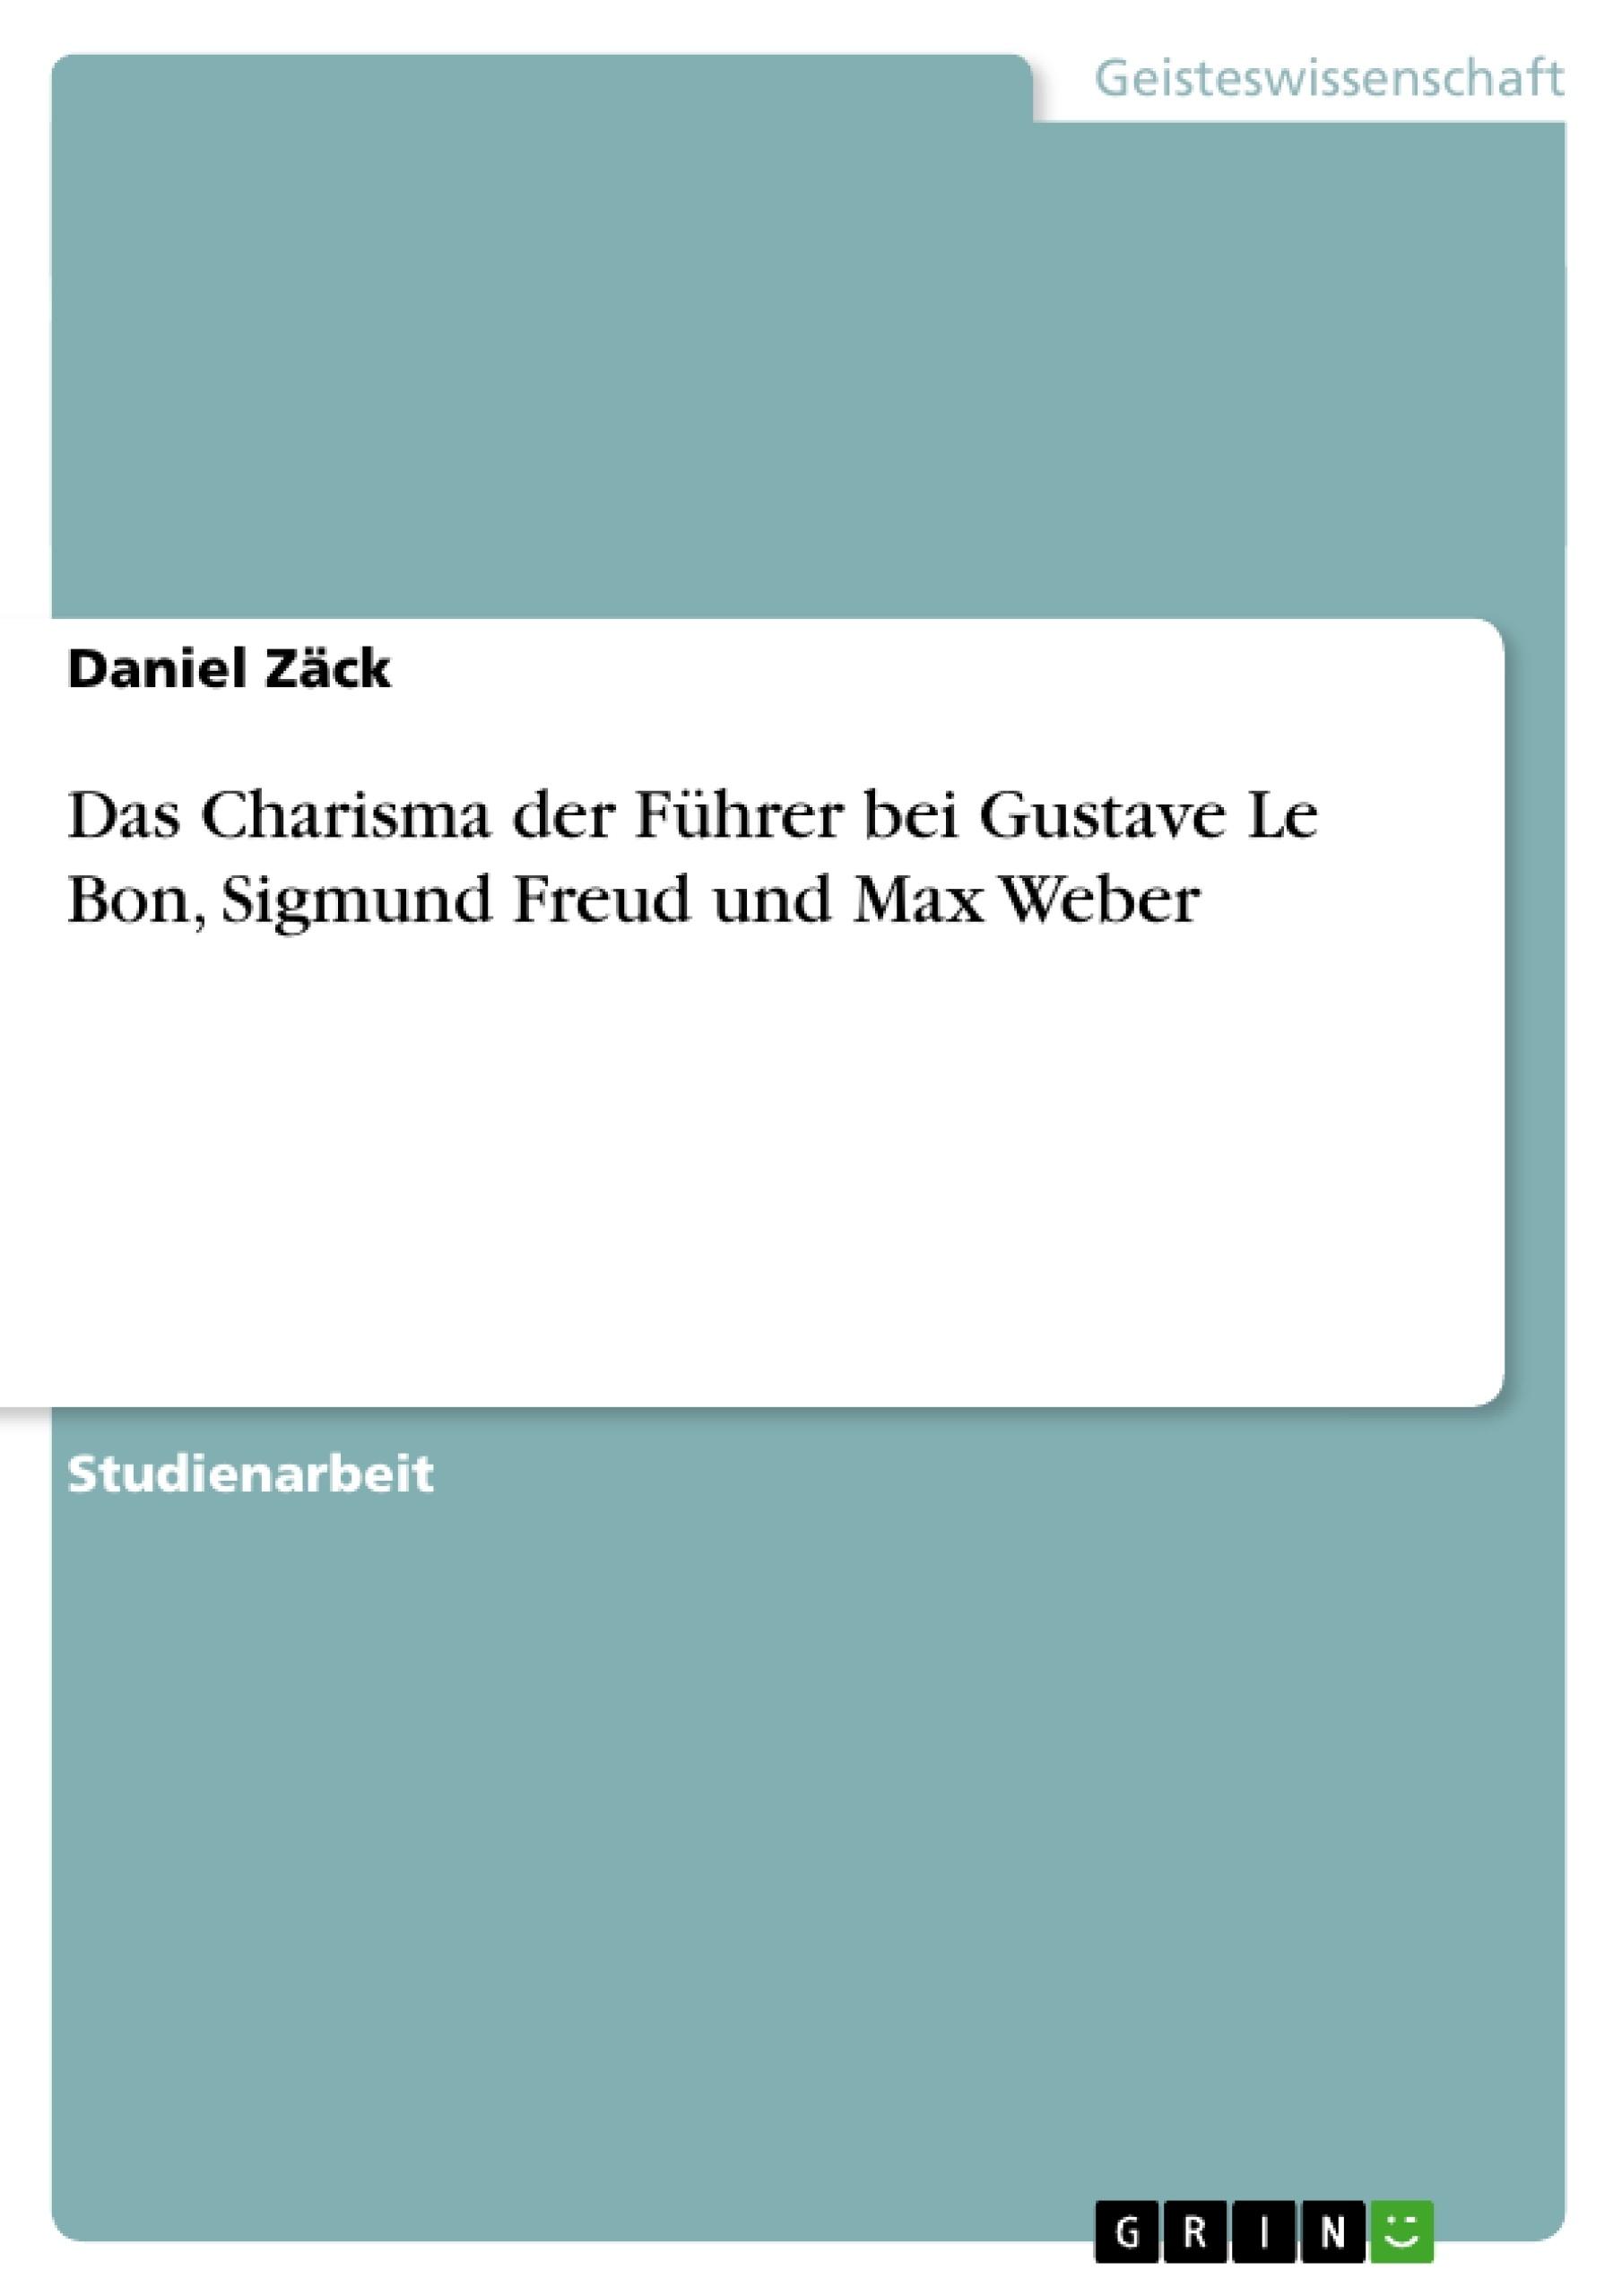 Titel: Das Charisma der Führer bei Gustave Le Bon, Sigmund Freud und Max Weber